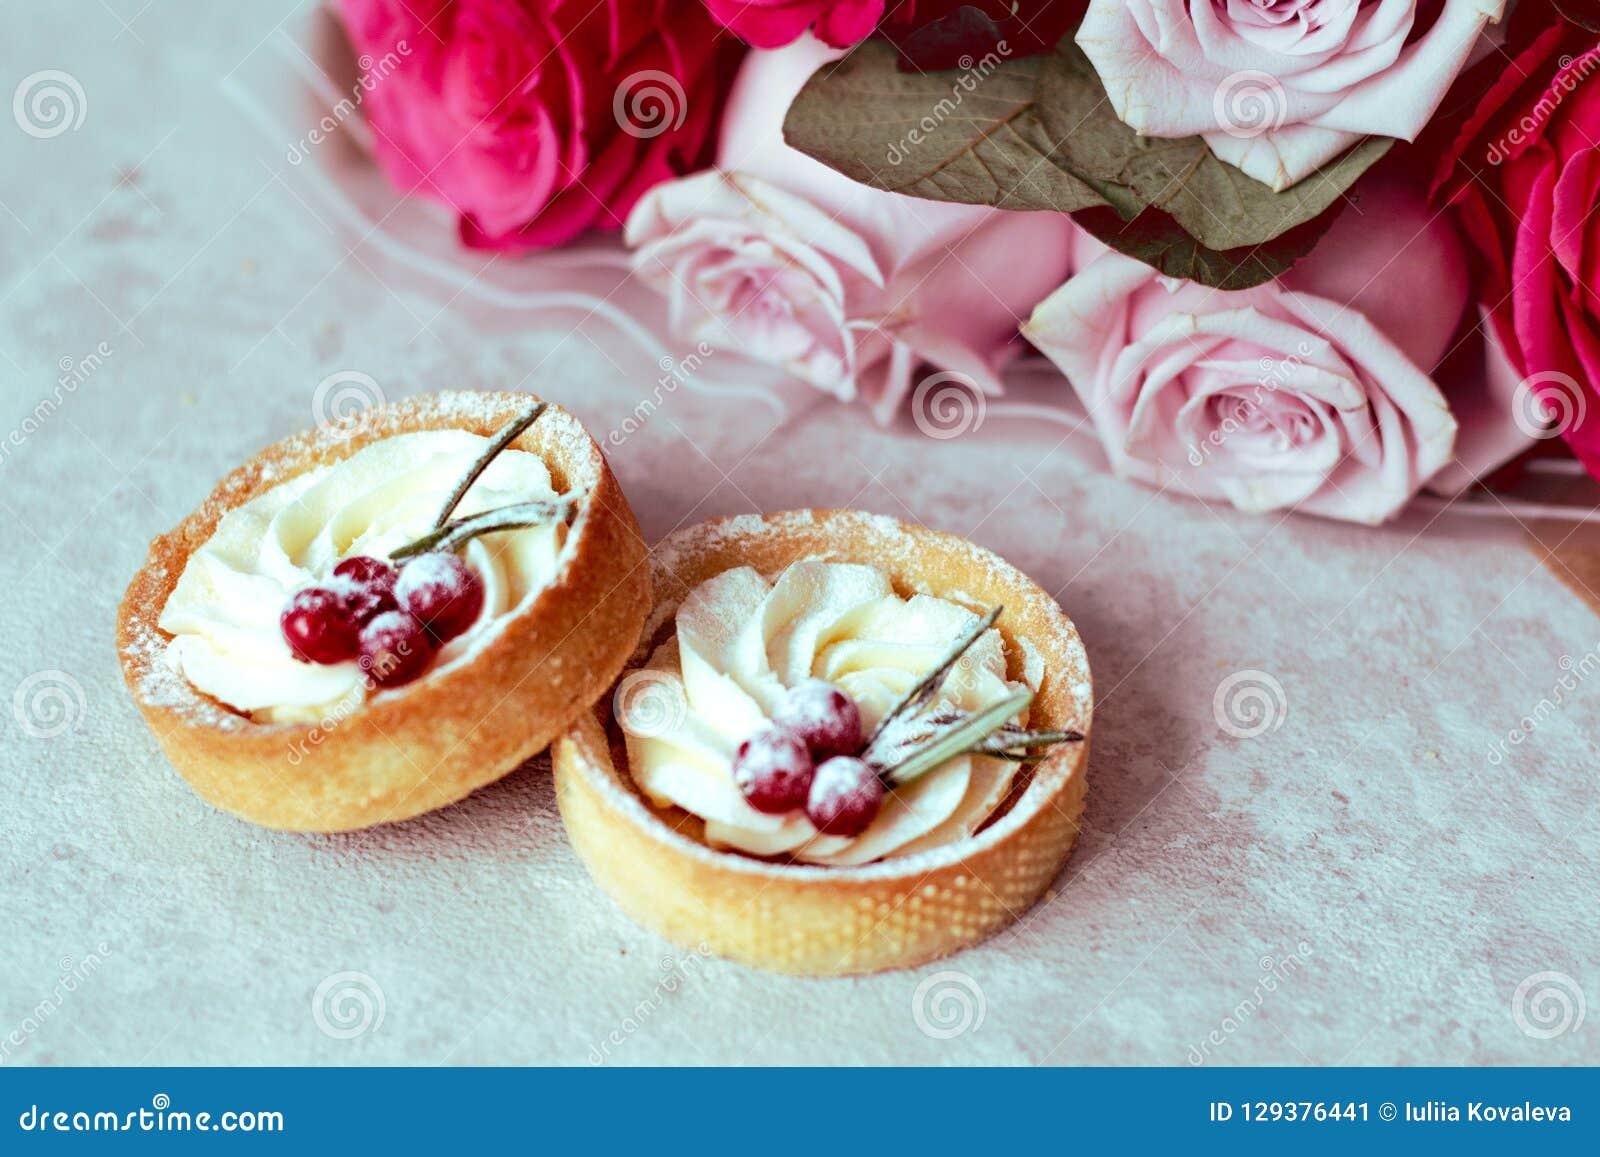 嫩浪漫礼物:甜点结块与奶油和莓果和桃红色玫瑰花束在轻的背景